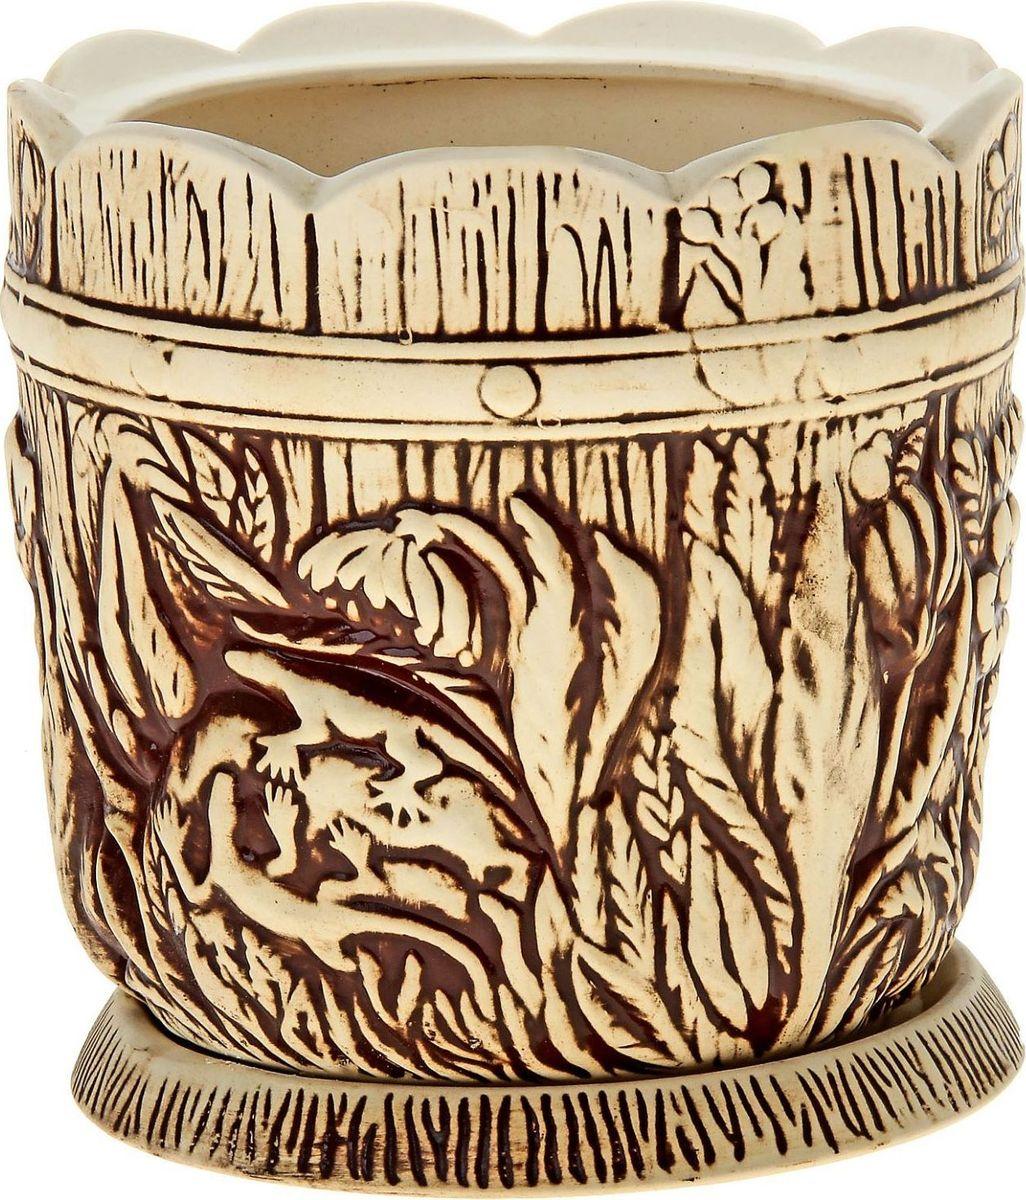 Кашпо Керамика ручной работы Поляна, цвет: шамот, 6 л144227